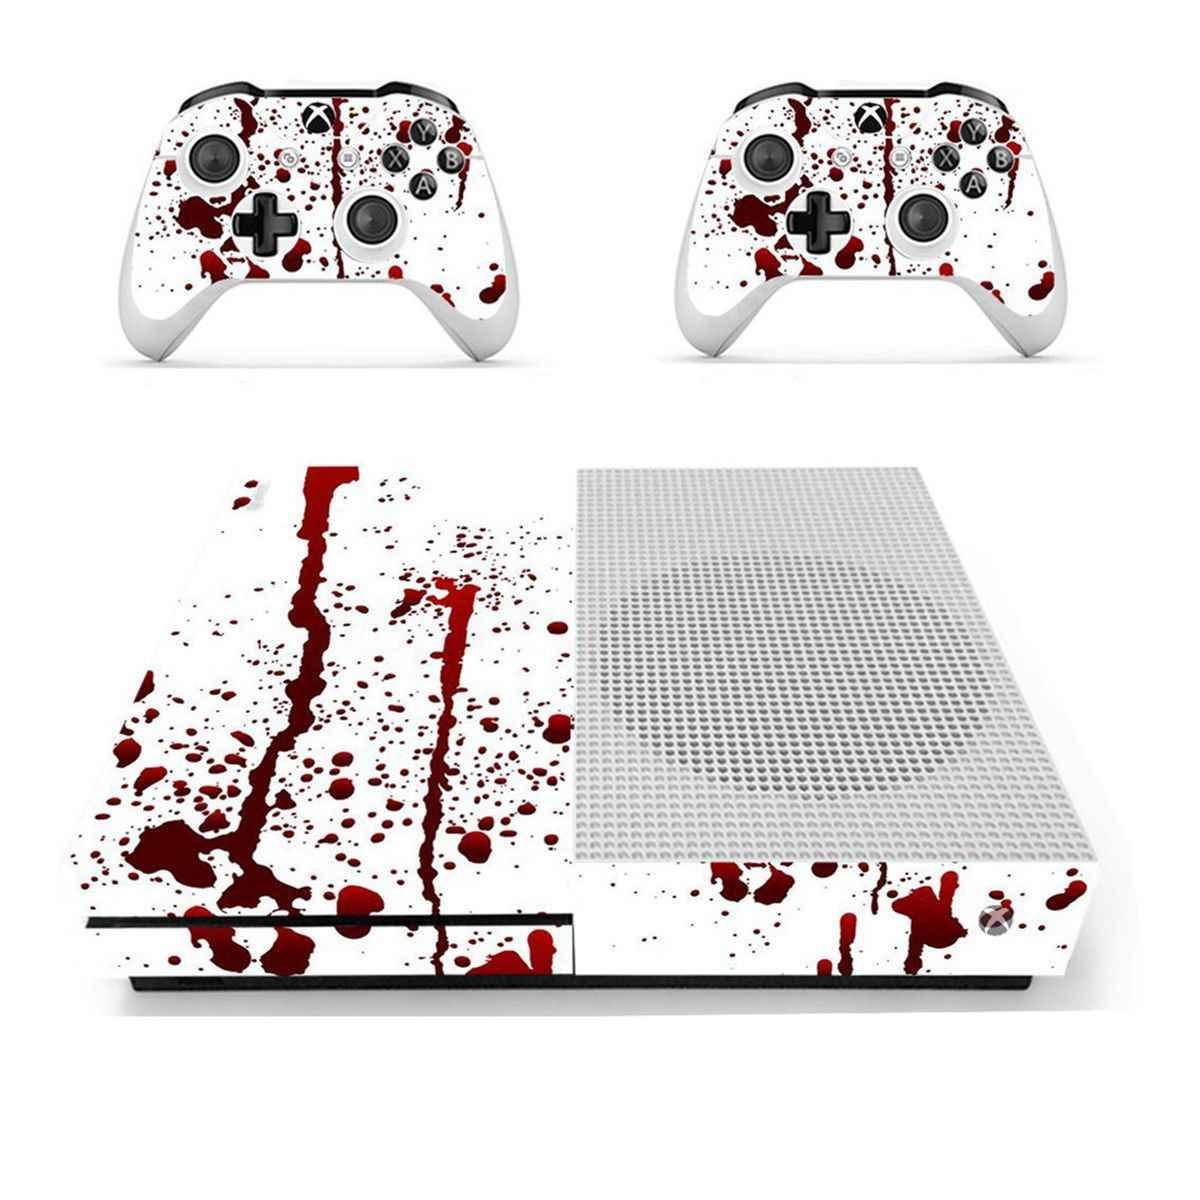 Кровавые виниловые наклейки стикеры на кожу для Xbox One S консоли + 2 контроллера шкуры